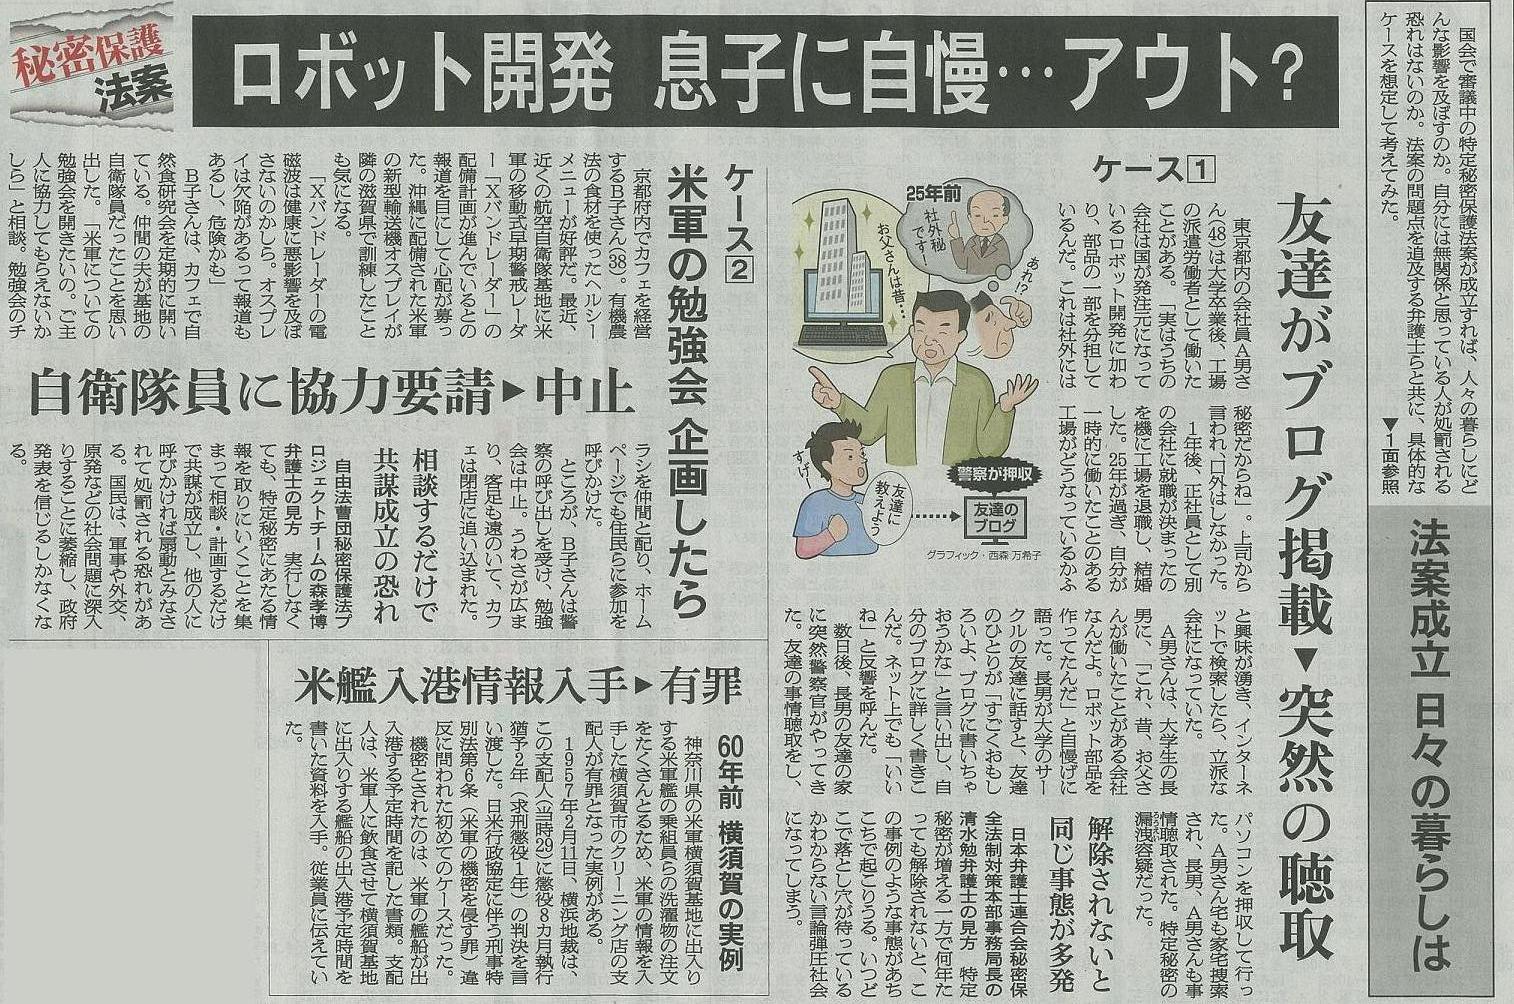 11/19朝日新聞 法案成立で日々の ...